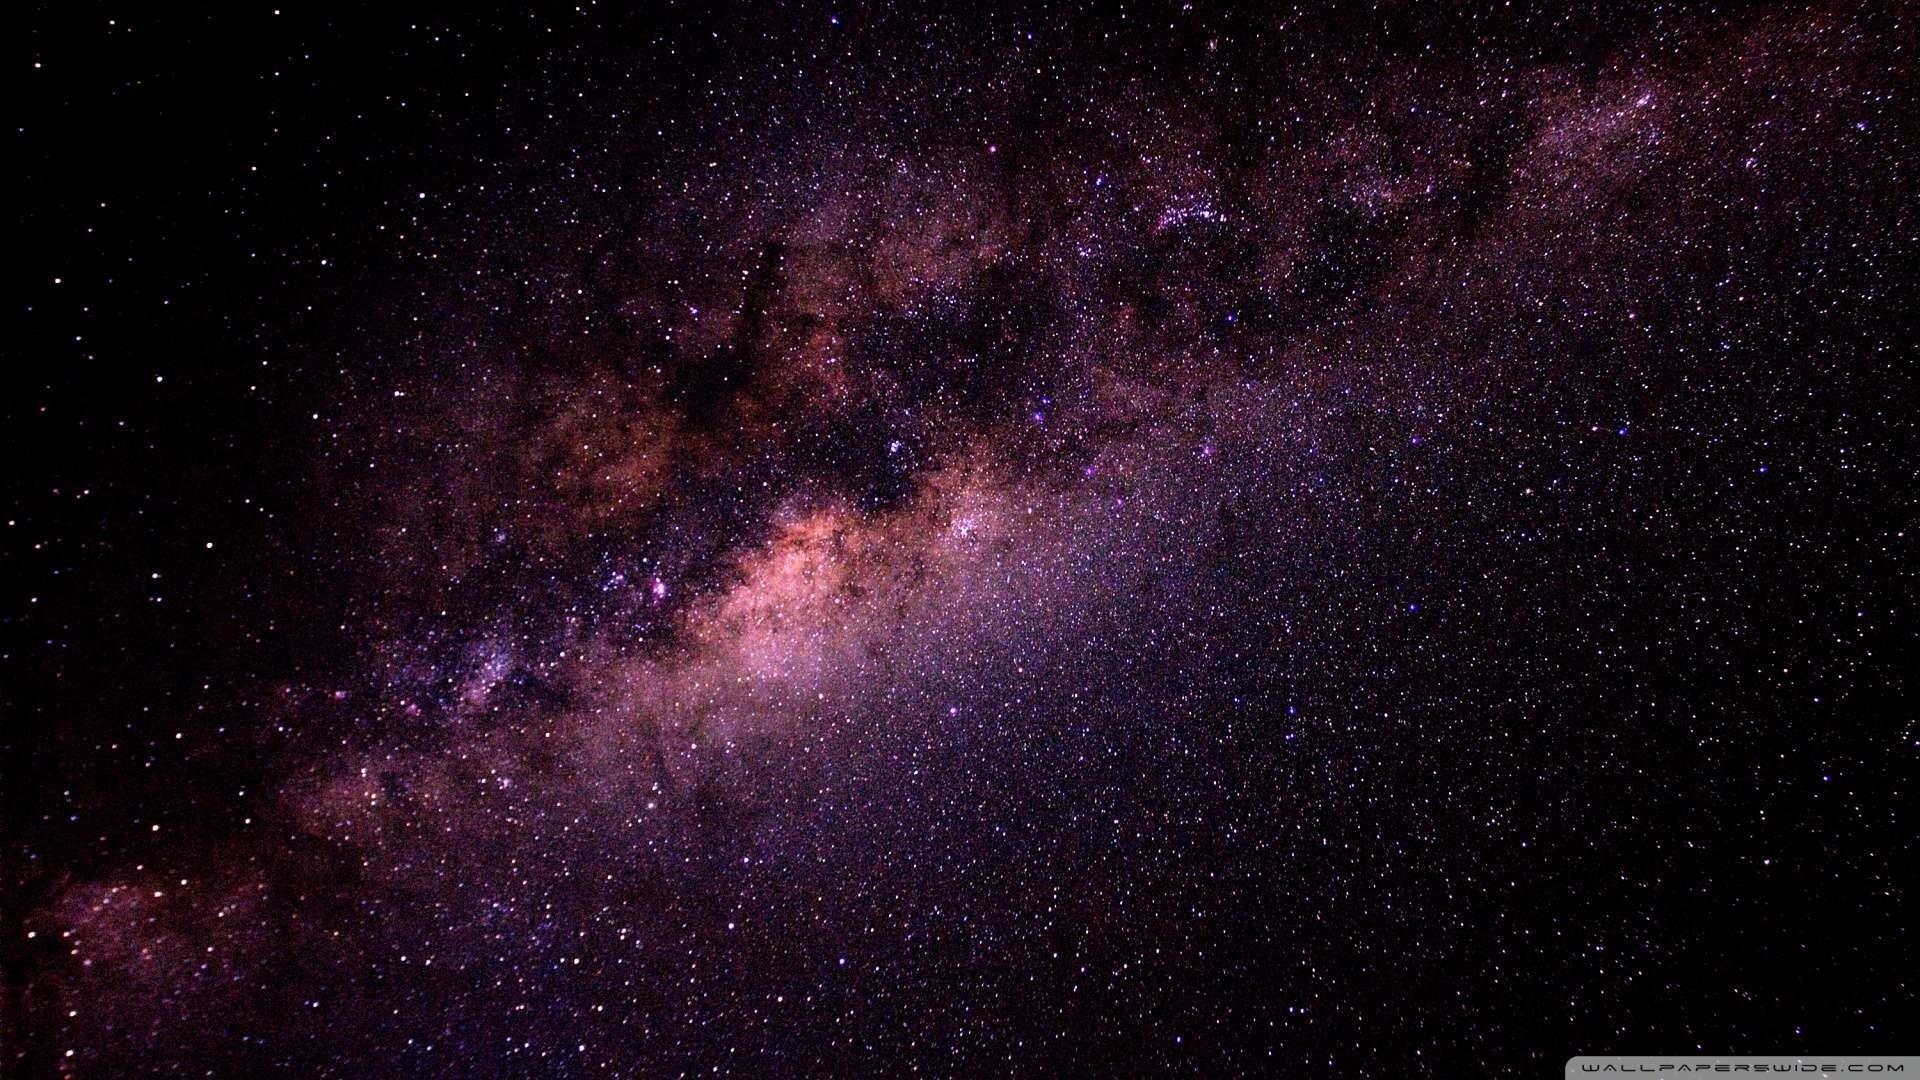 Milky Way Galaxy 2 Wallpaper 1080p HD